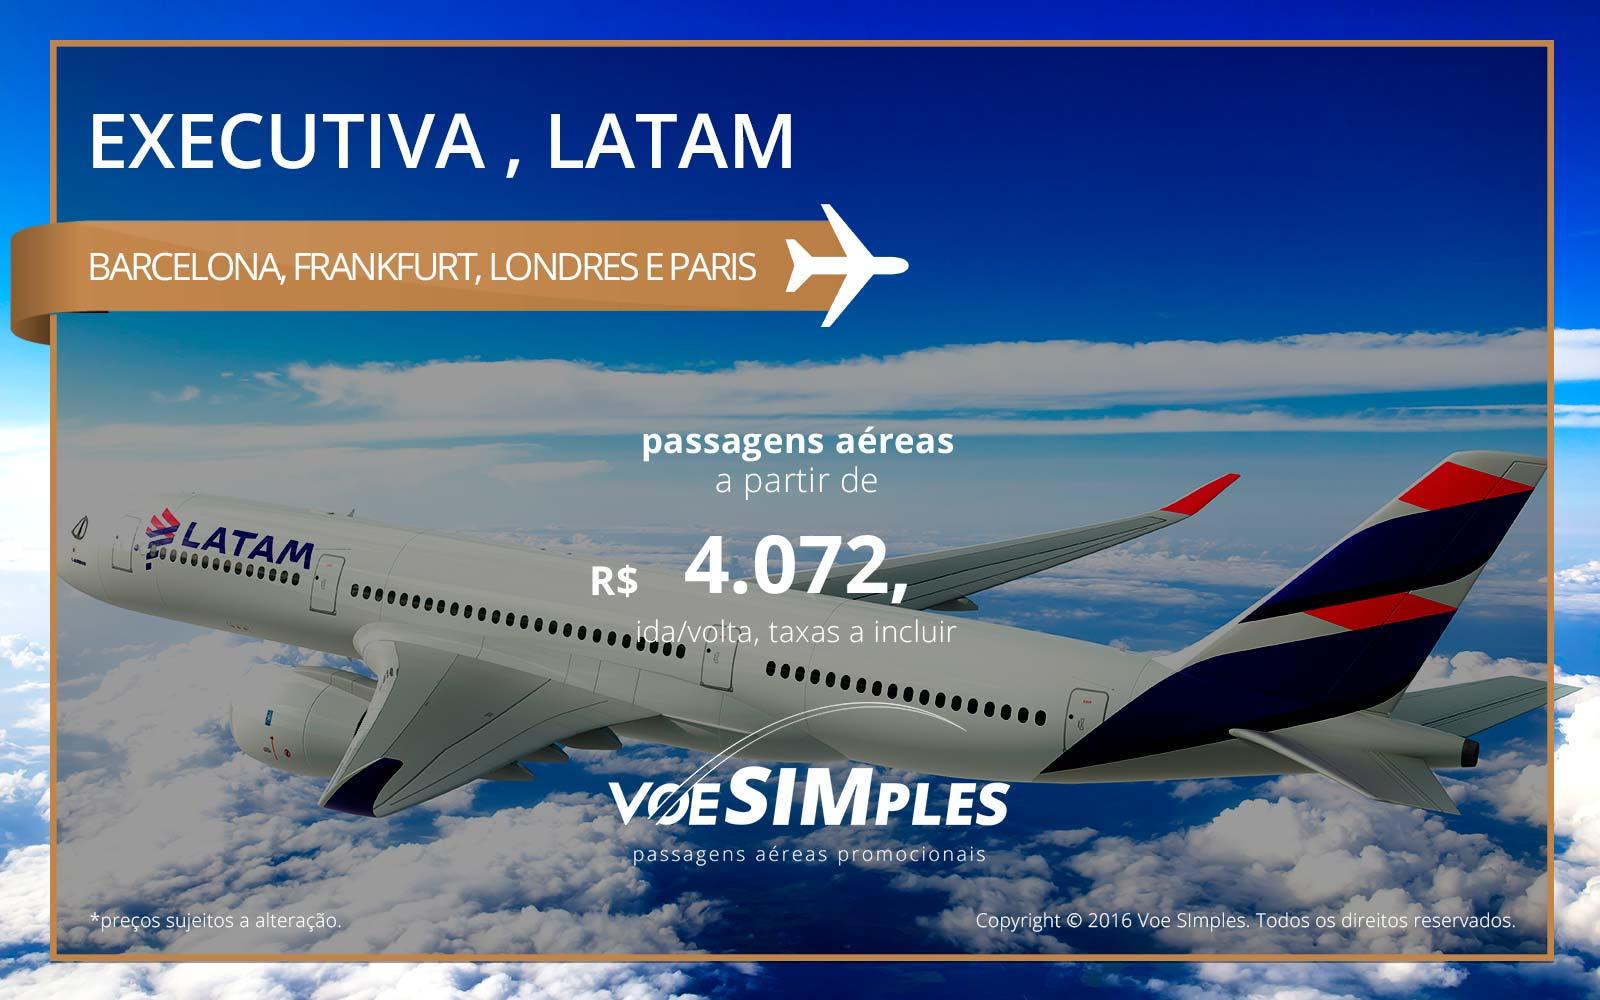 Passagem aérea Classe Executiva LATAM para a Europa